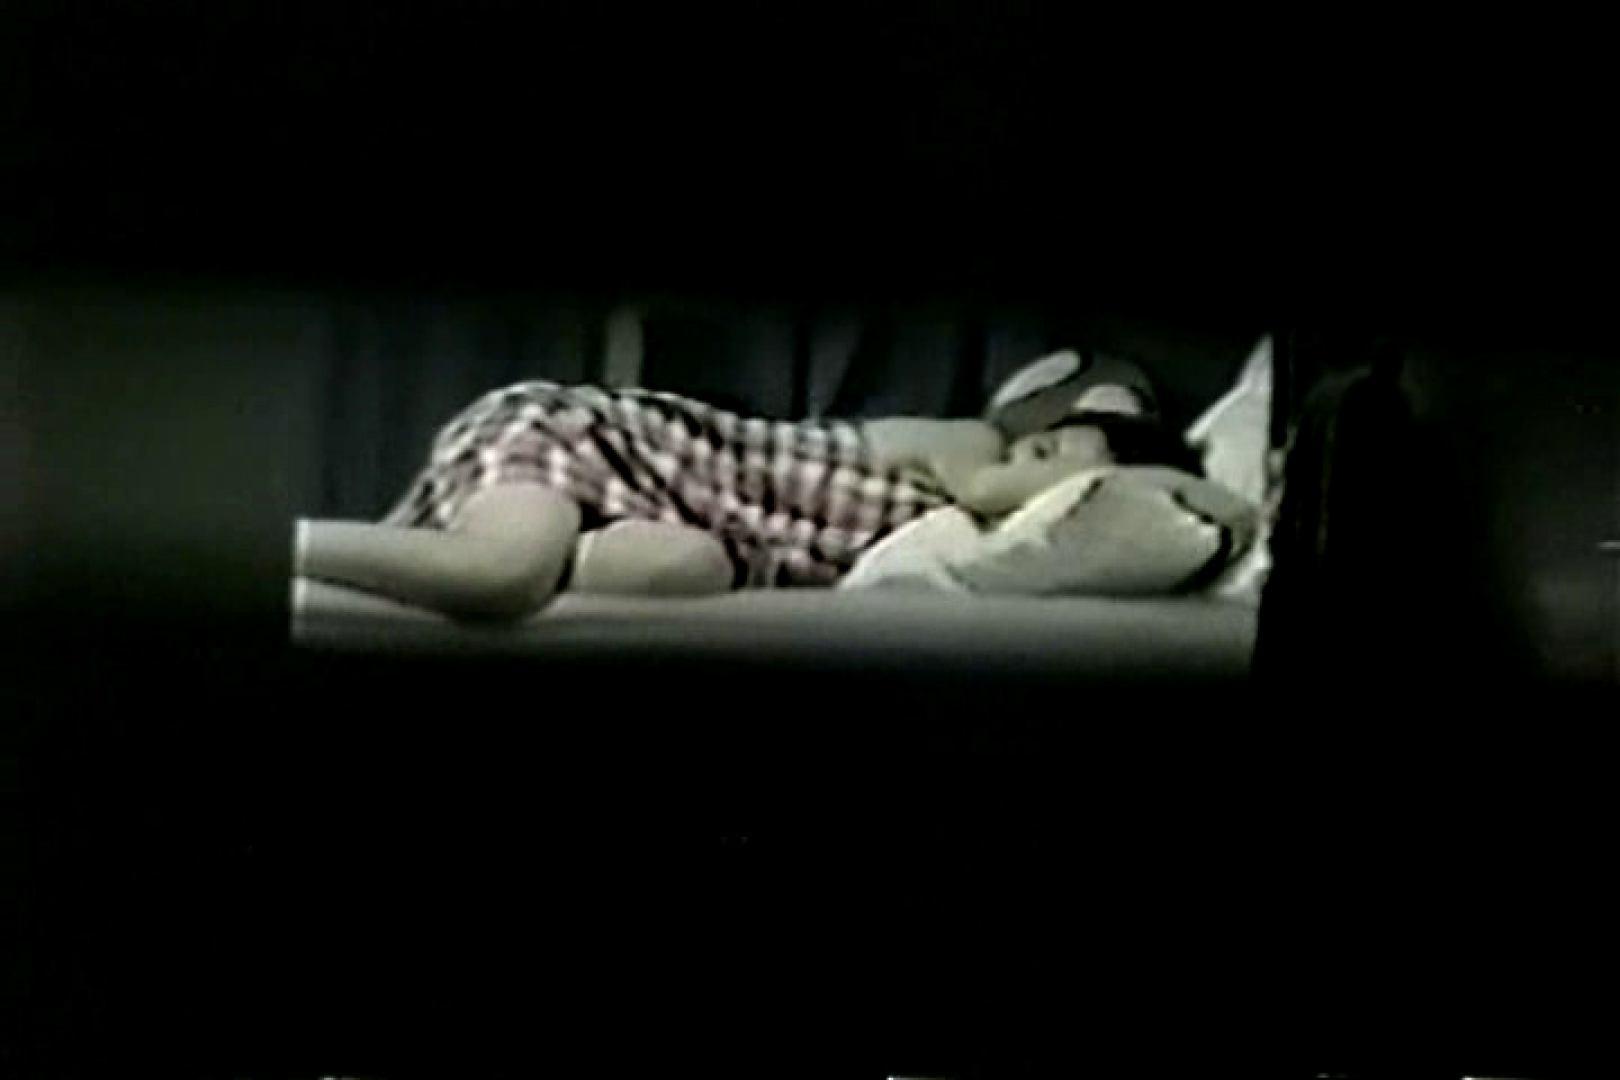 深夜の撮影会Vol.6 民家 | 企画  94連発 36